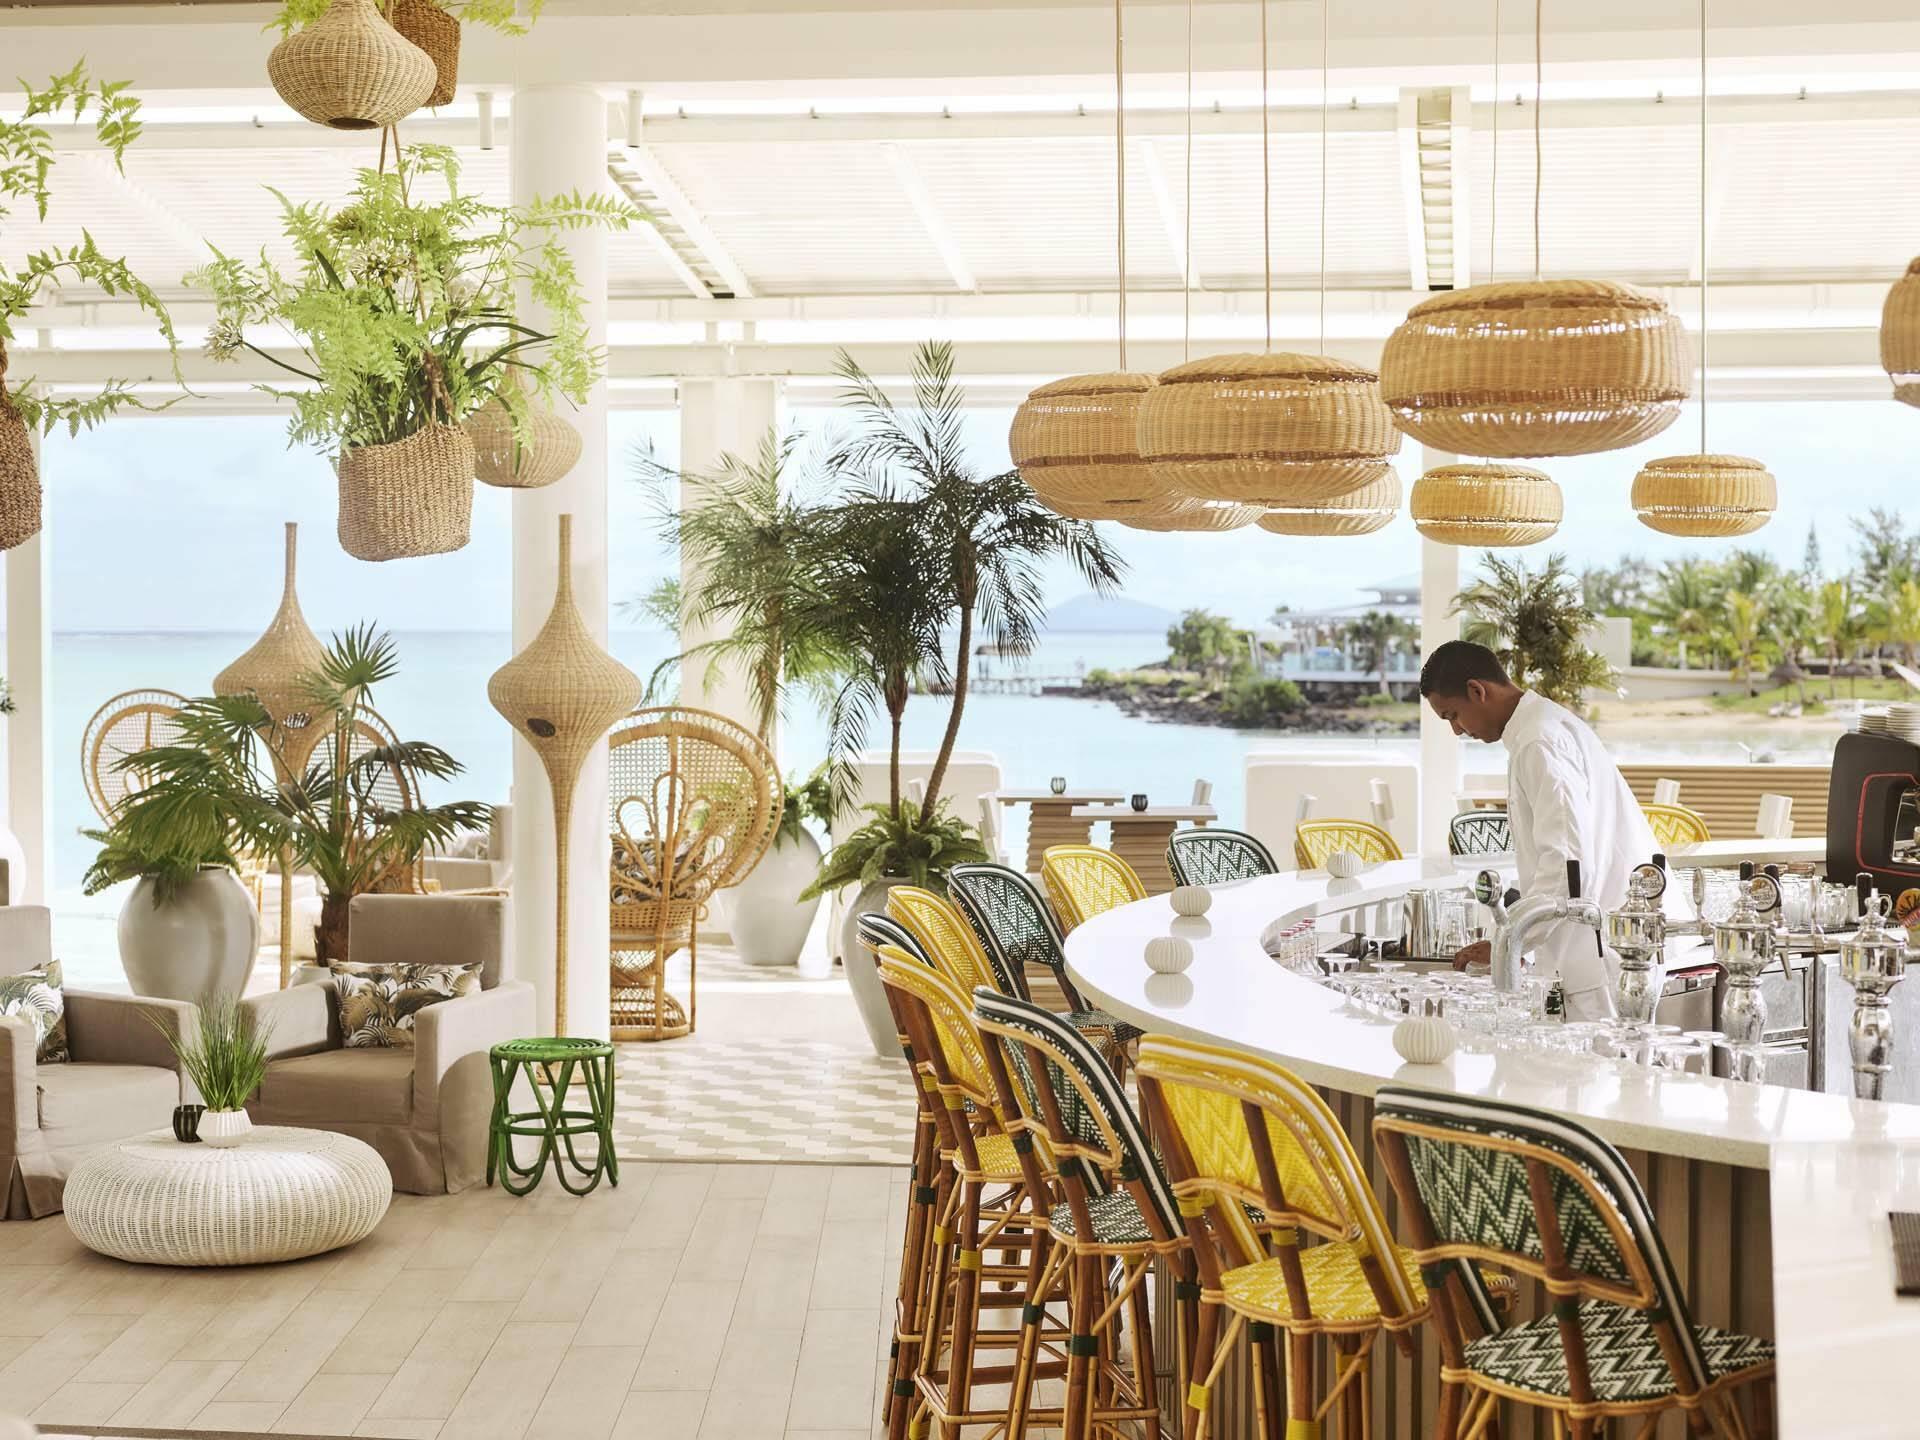 Ile Maurice Lux Grand Gaube Restaurant Palmcourt